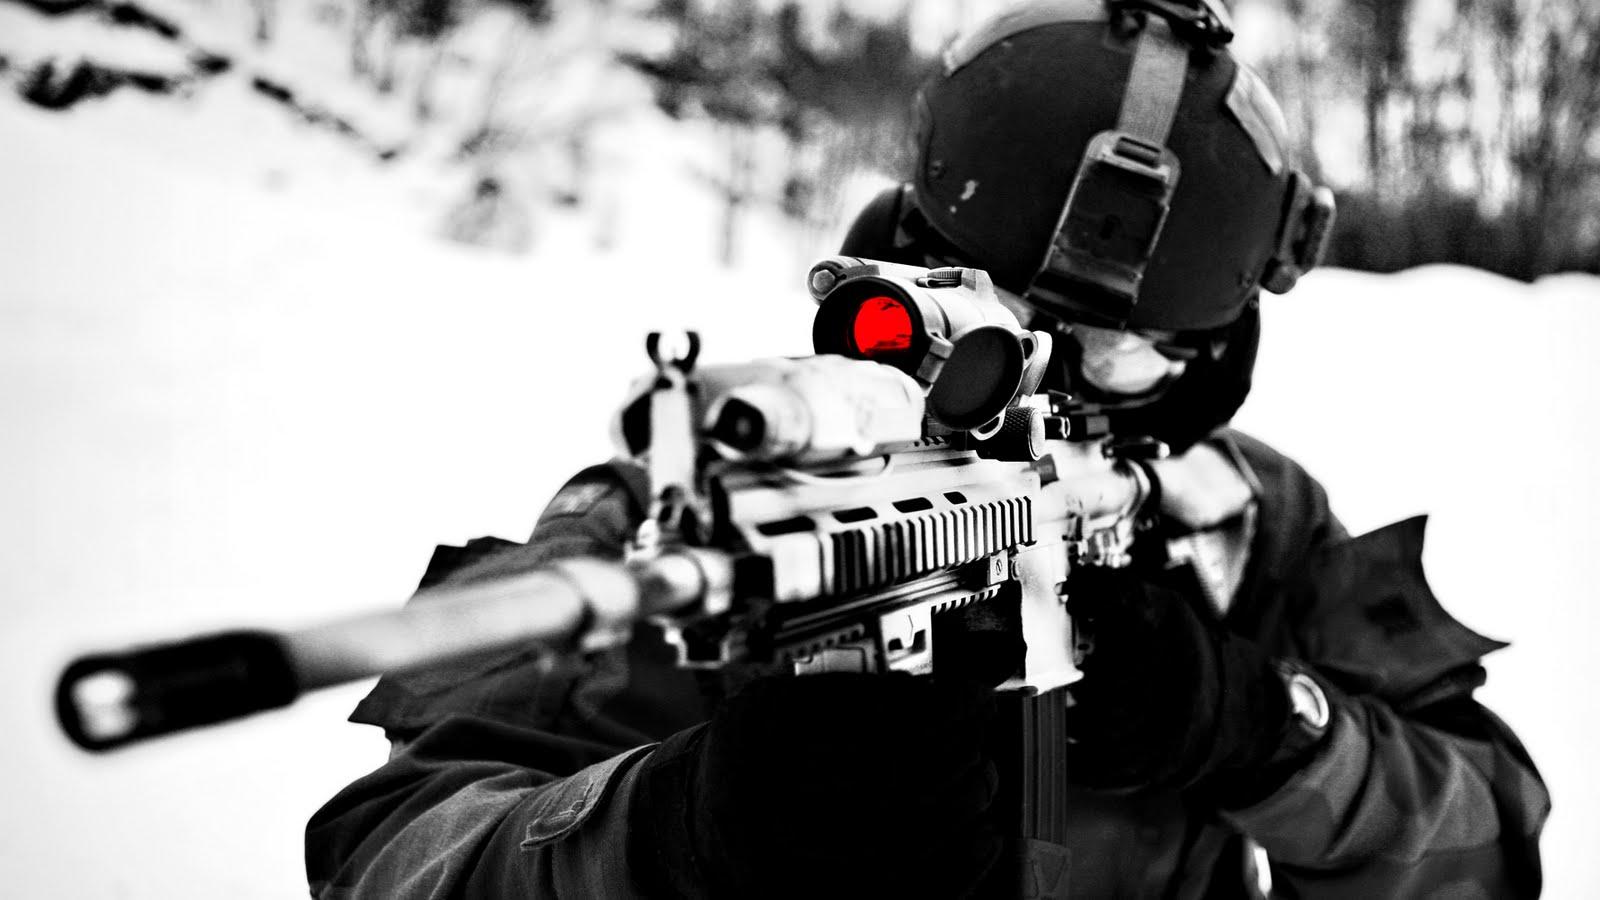 http://3.bp.blogspot.com/-HNhhWZnieGI/Td3_mspR2pI/AAAAAAAAHBc/TFgPP0wSDV8/s1600/swap%2Bteam%2Bspecial%2Bweapons%2Bhd%2Bwallpaper.jpg